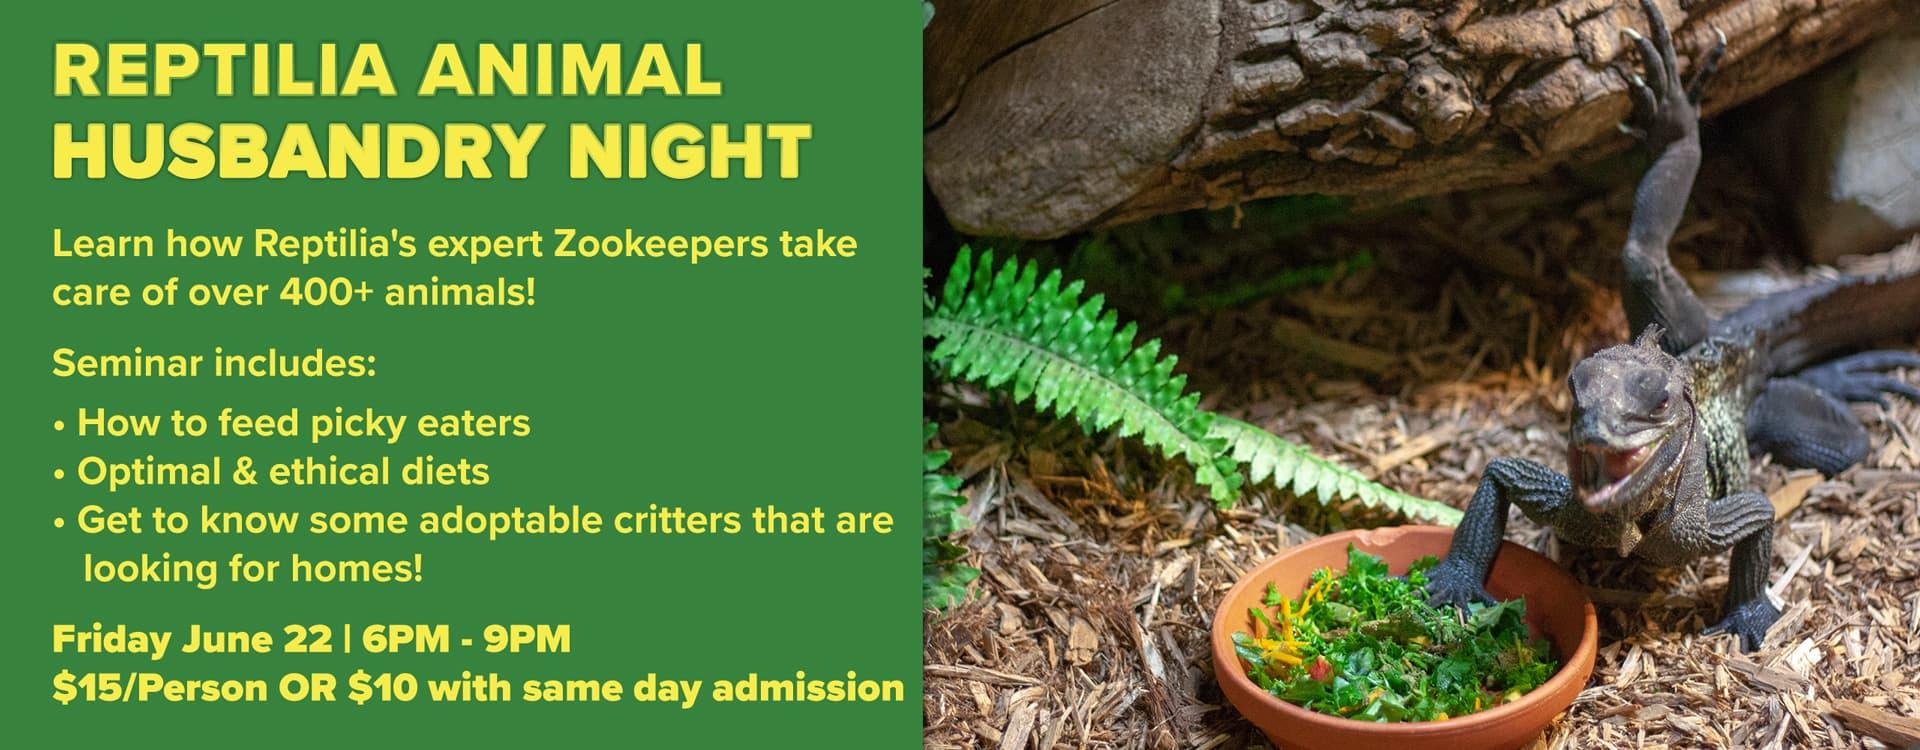 Reptilia Animal Reptile Care Seminar